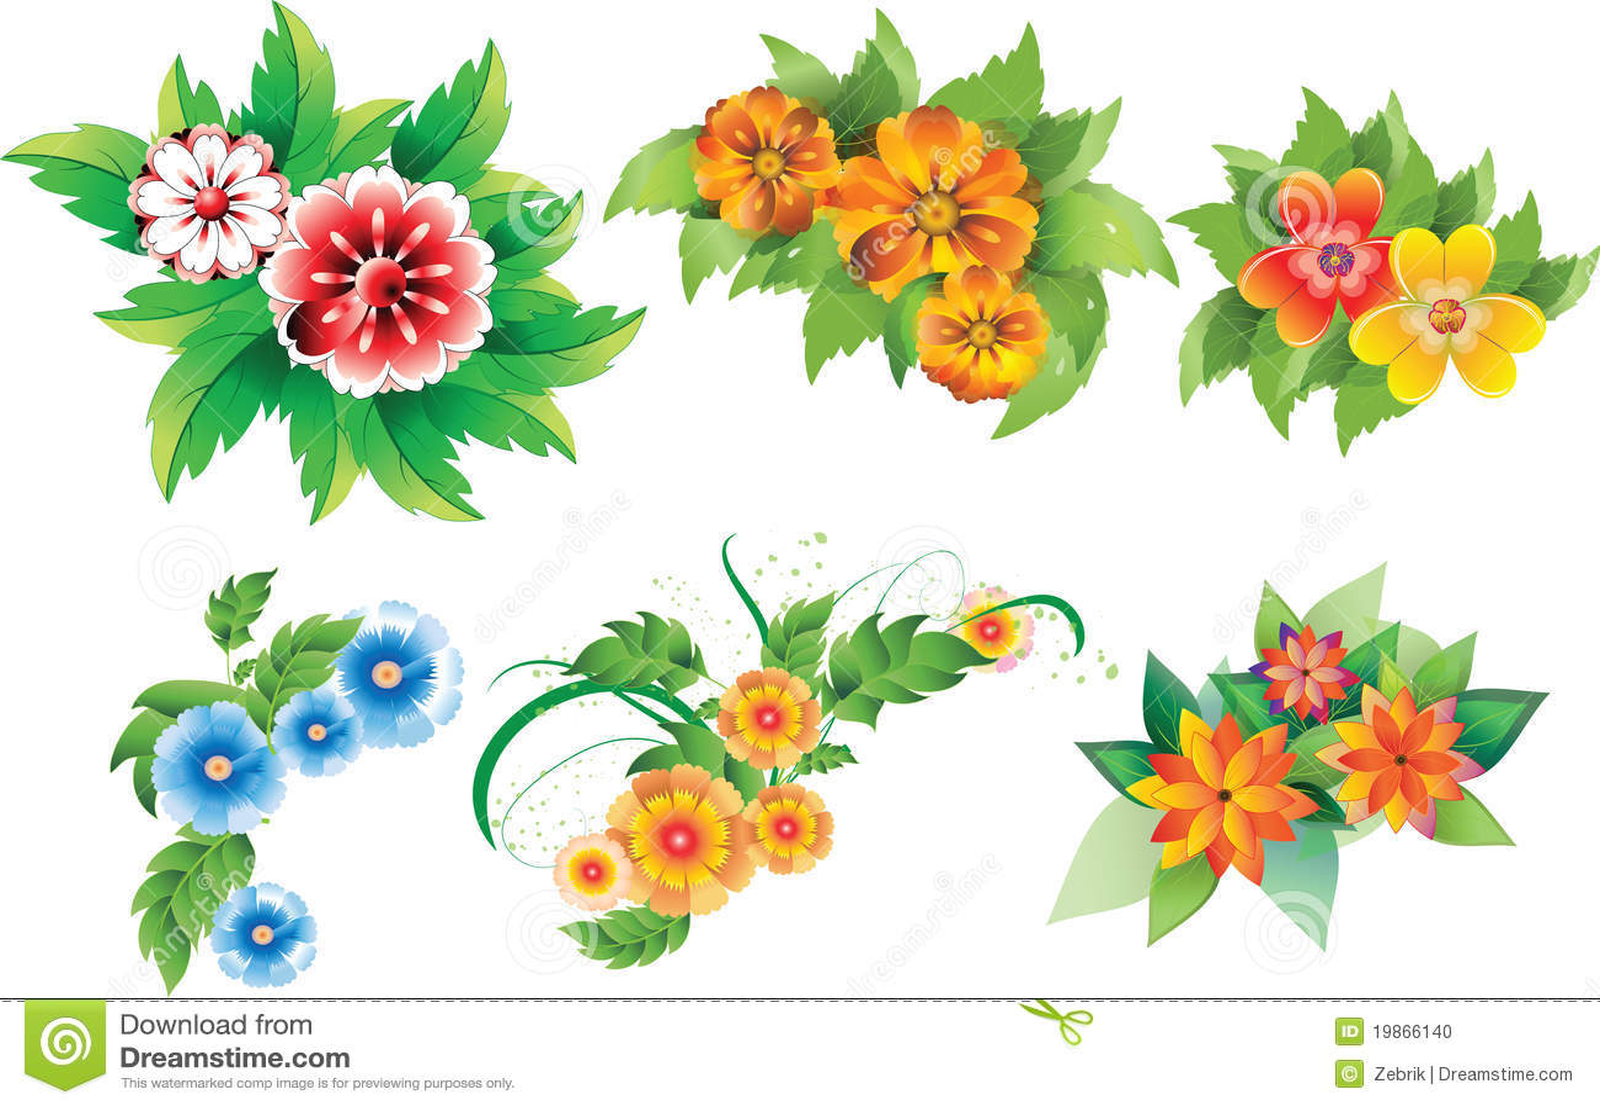 Insieme dei fiori colorati illustrazione vettoriale for Fiori stilizzati colorati